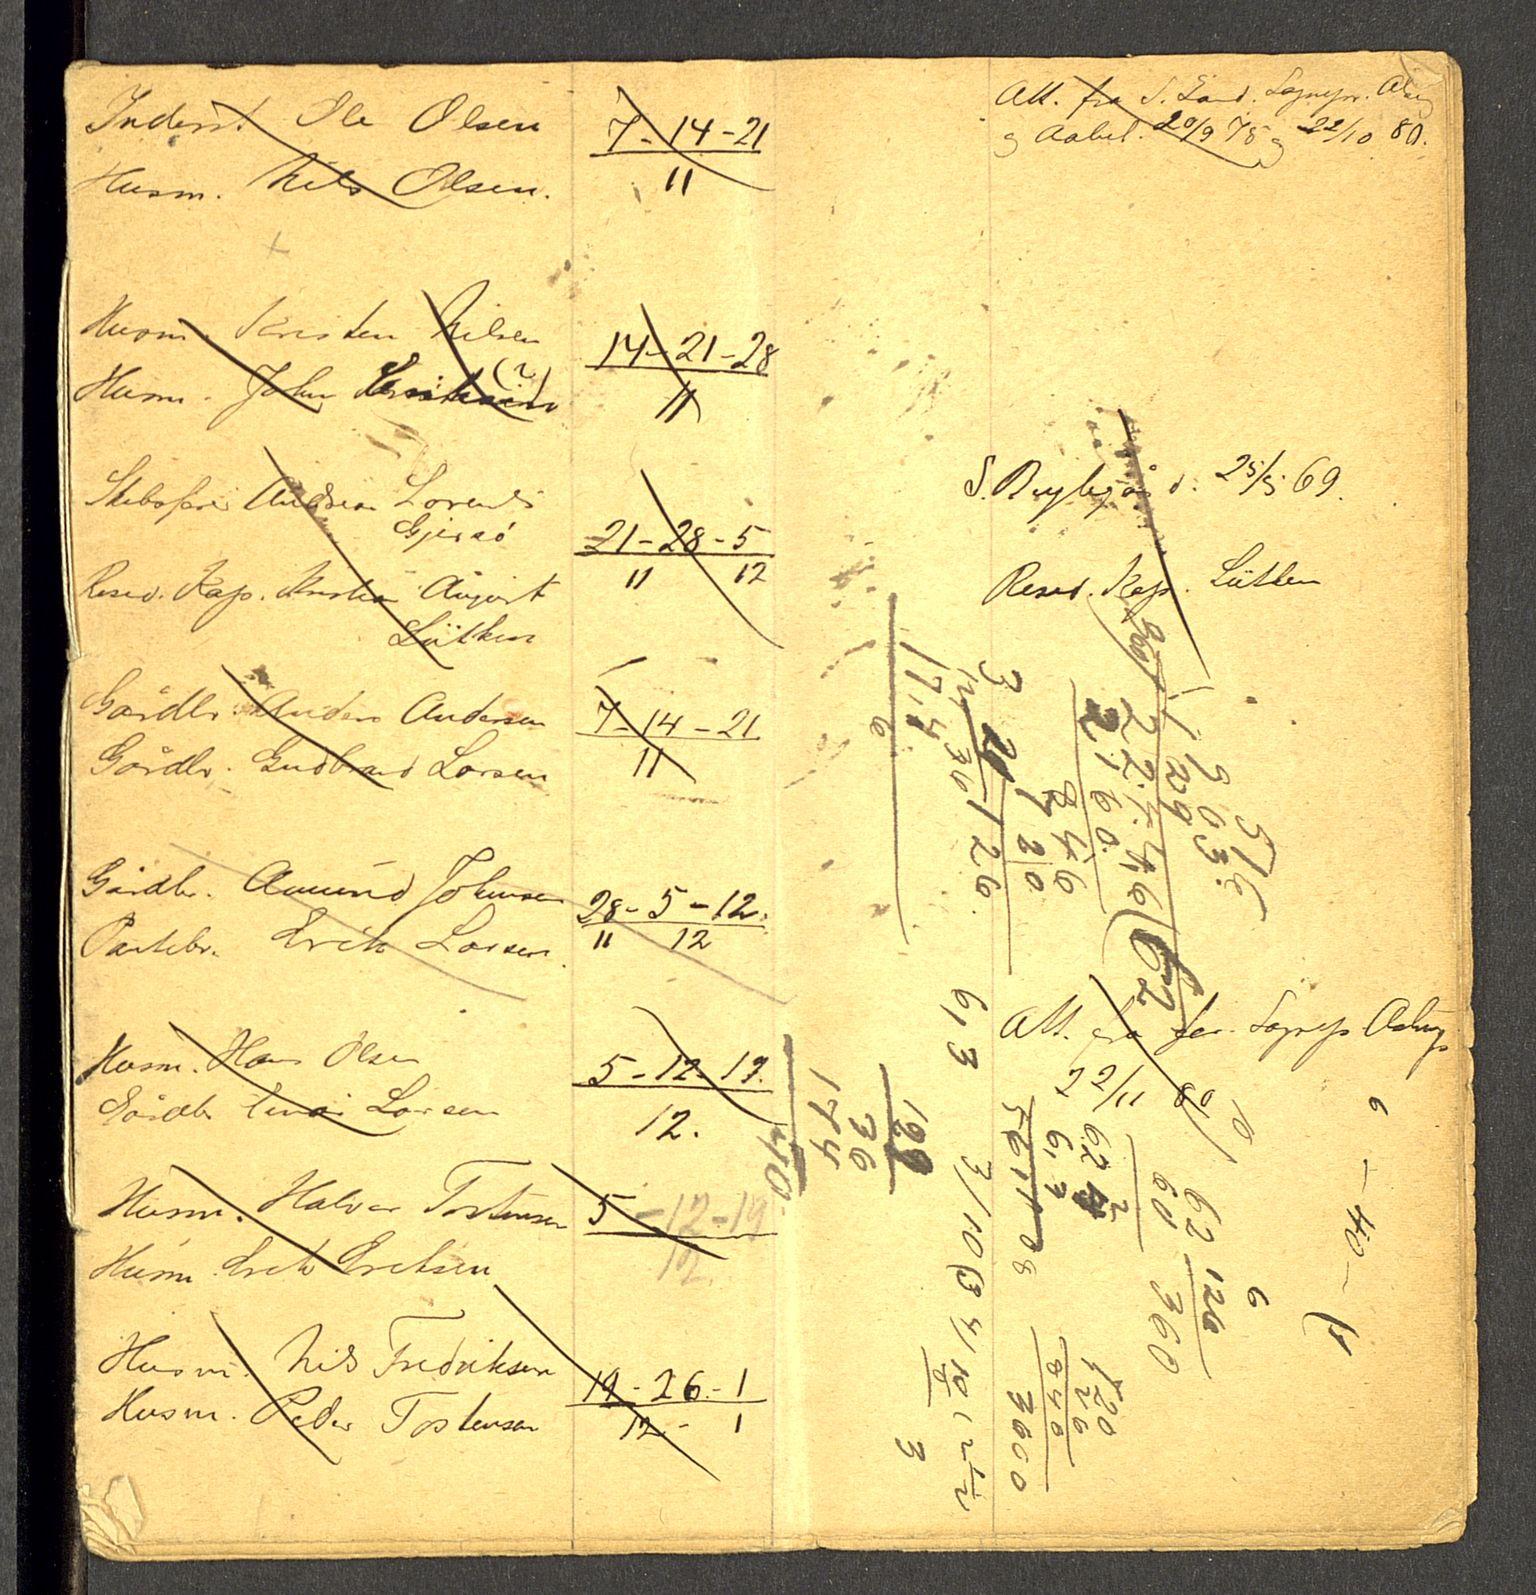 SAH, Gran prestekontor, Lysningsprotokoll nr. -, 1881-1882